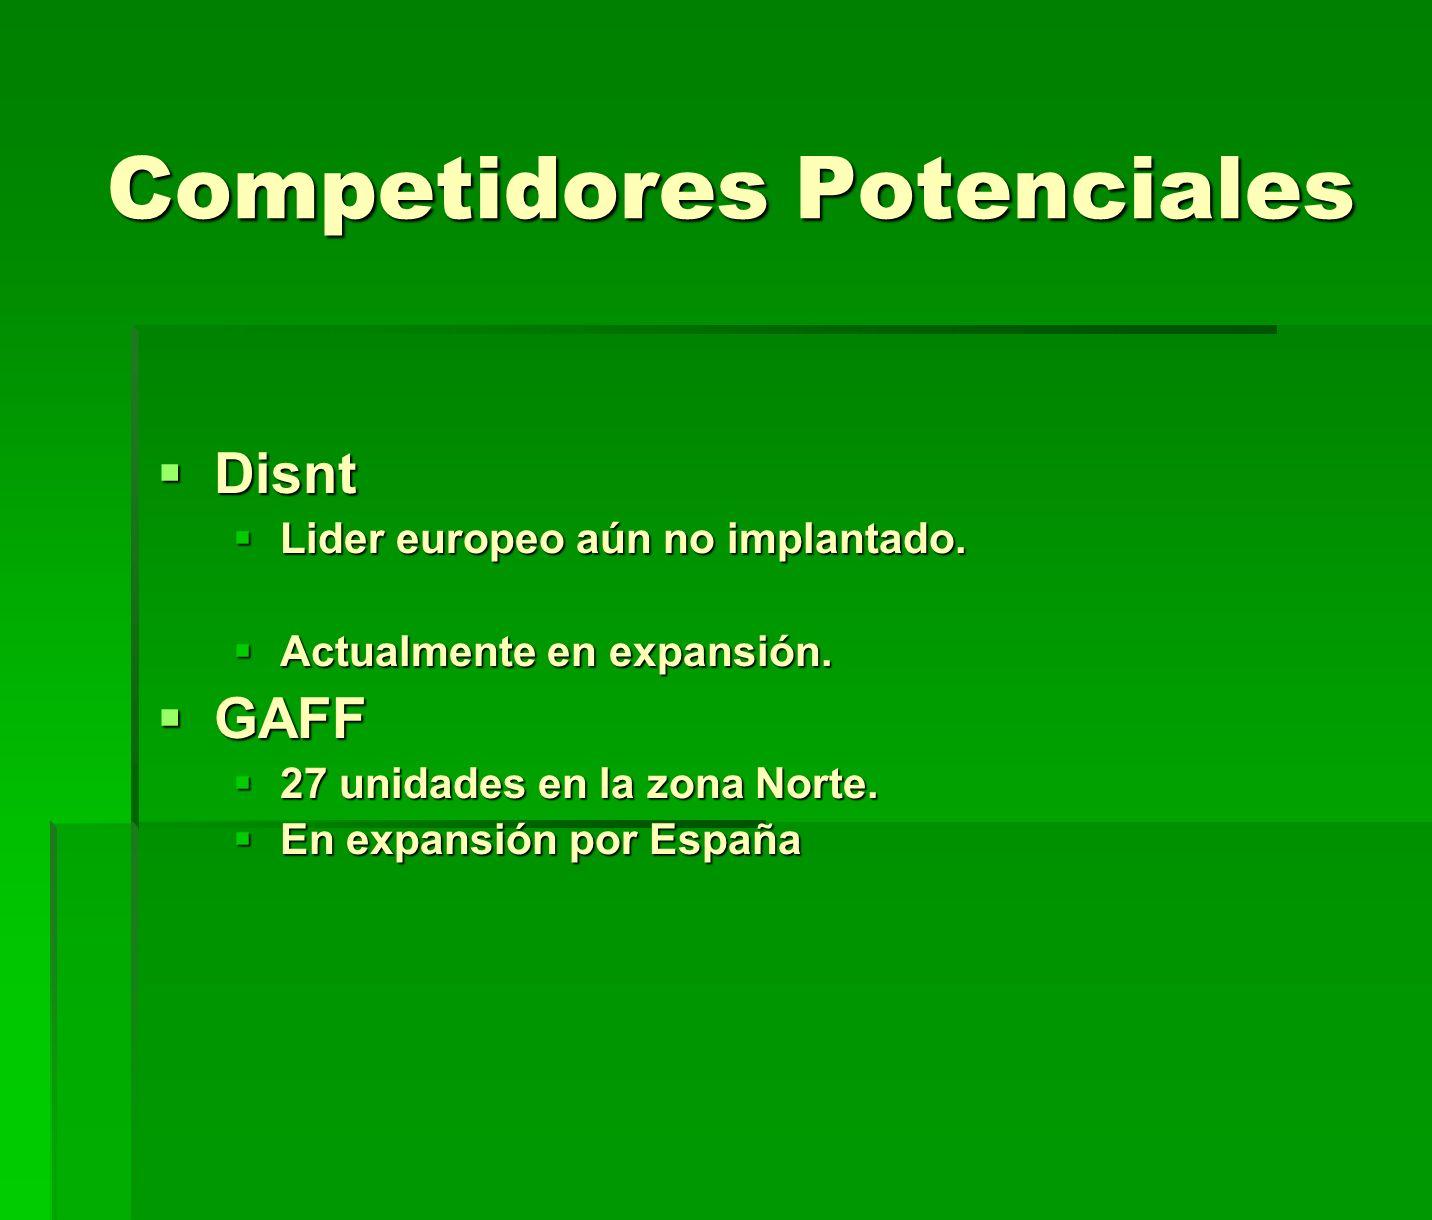 Competidores Potenciales